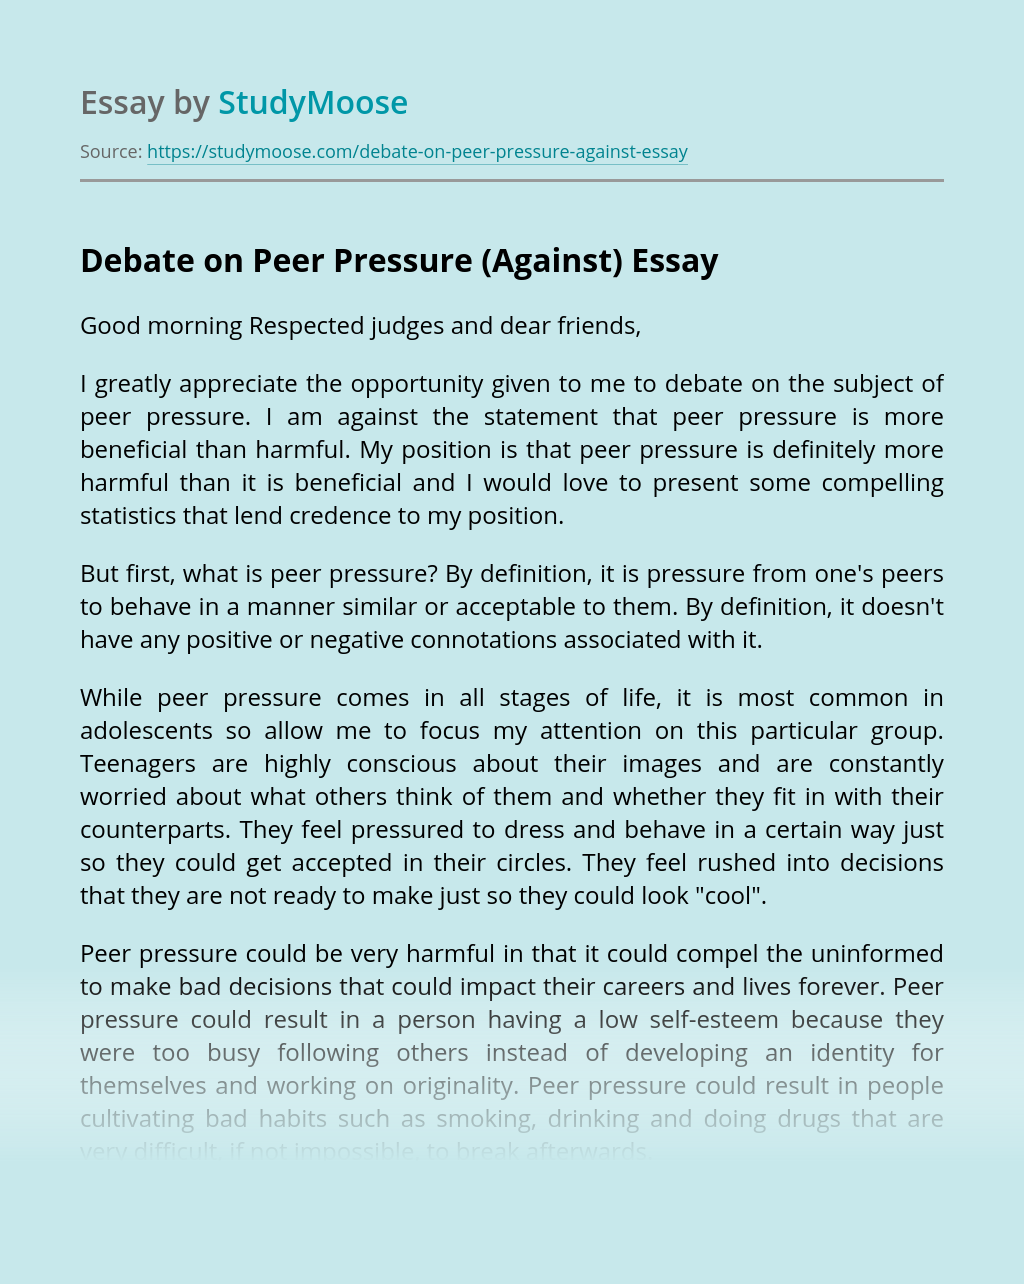 Debate on Peer Pressure (Against)